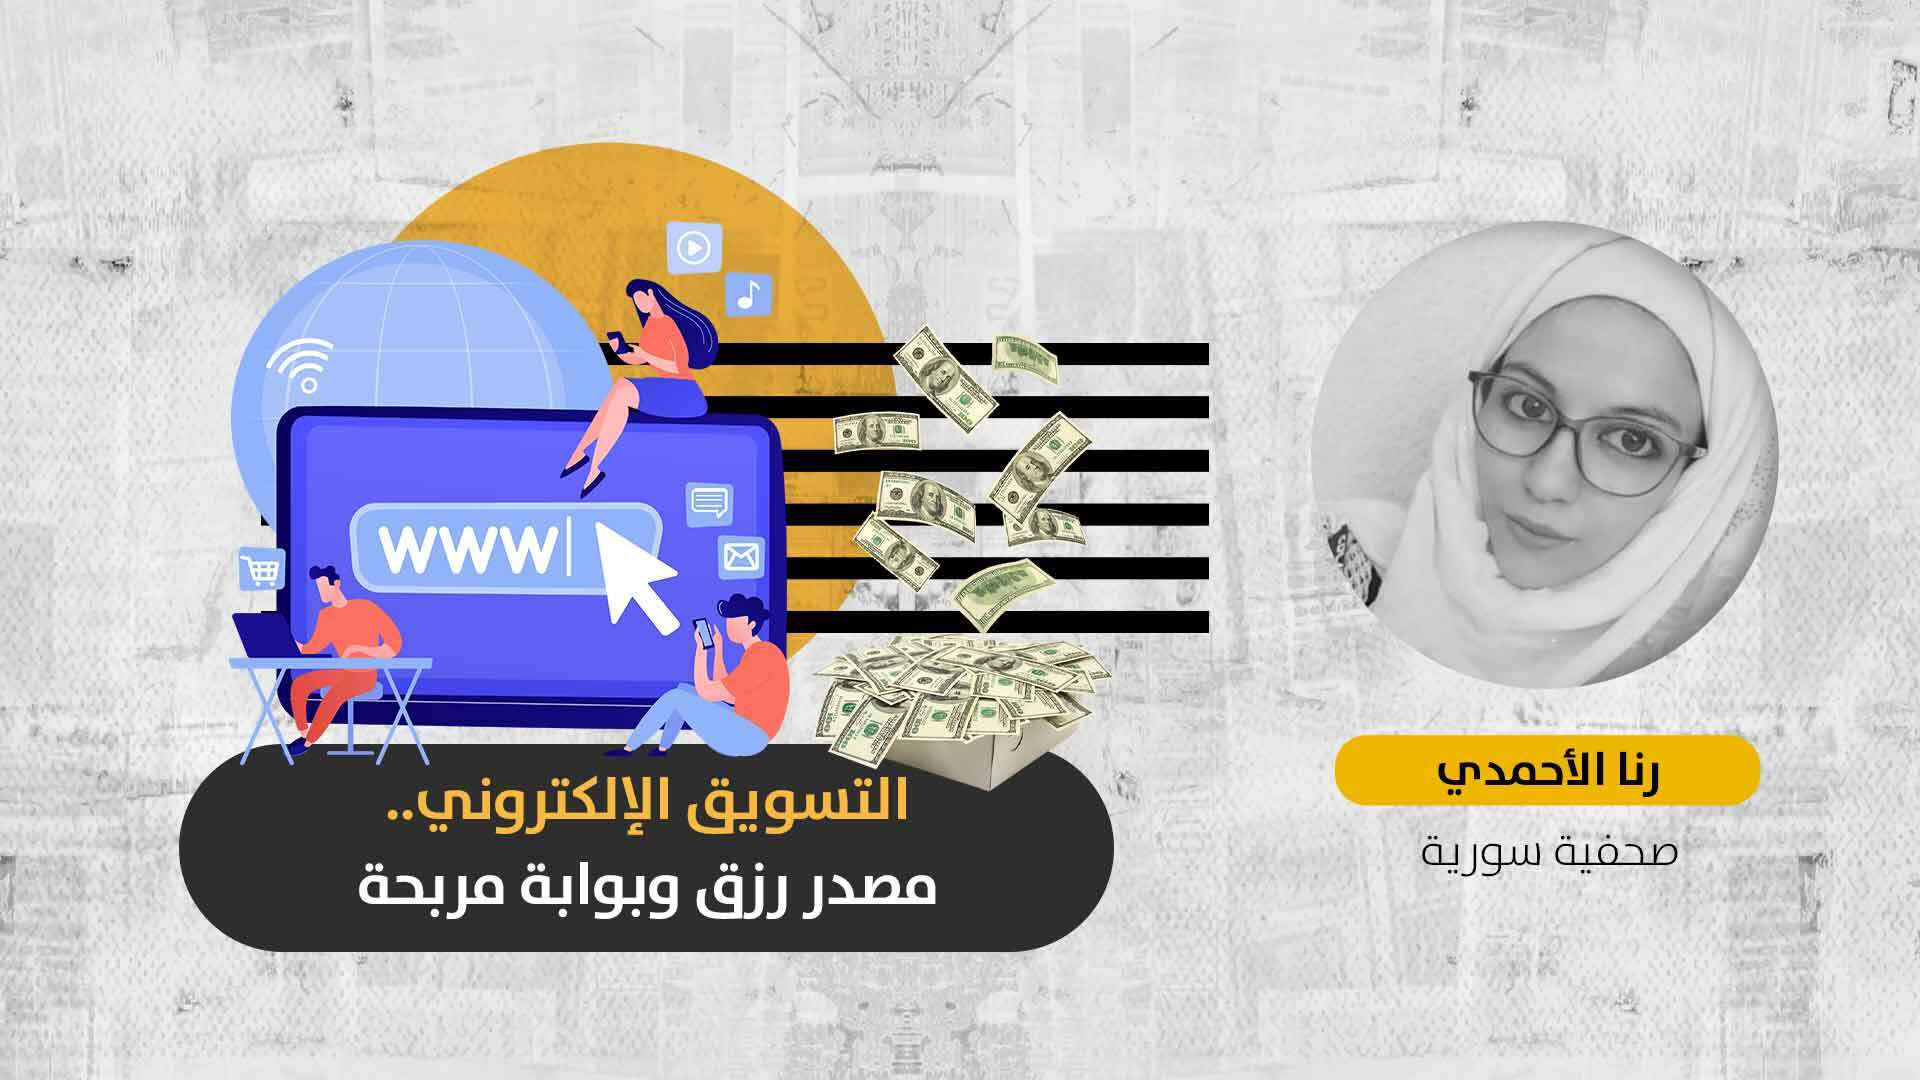 متاجرٌ إلكترونيّة.. مصدرُ رزق لنساءٍ سوريّات خلال الأزمة